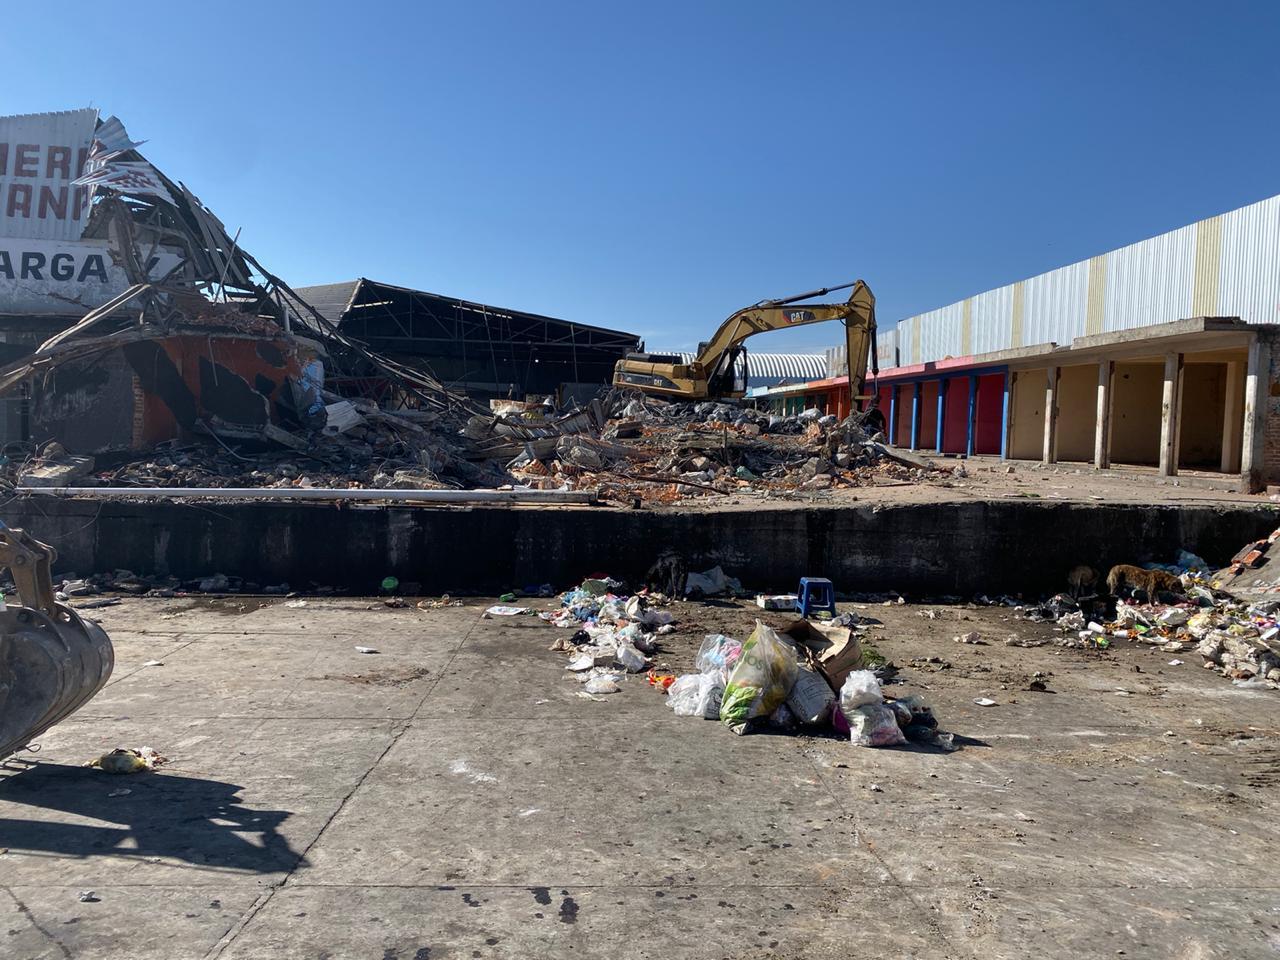 Inicia demolición del mercado Hermanos Serdán